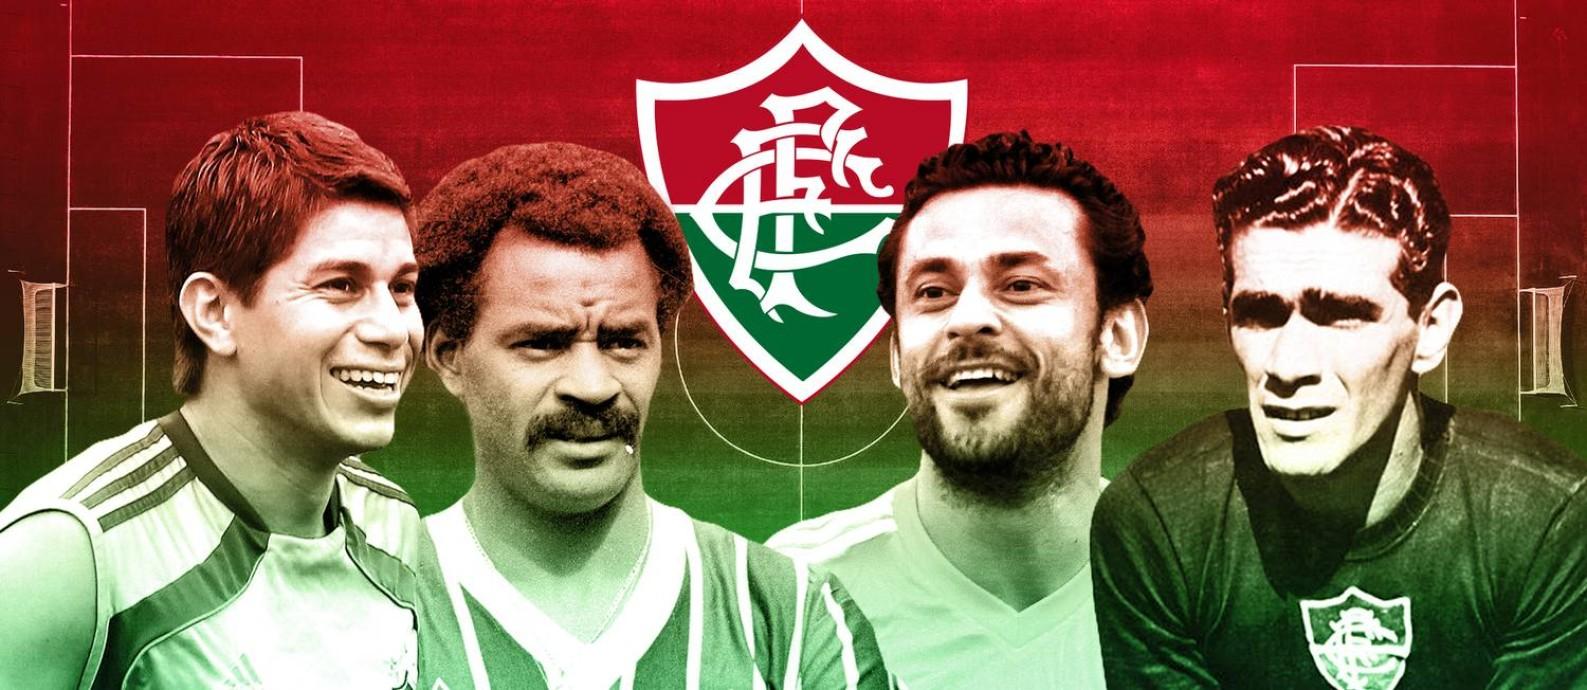 Os 30 maiores ídolos da história do Fluminense Foto: Editoria de Arte